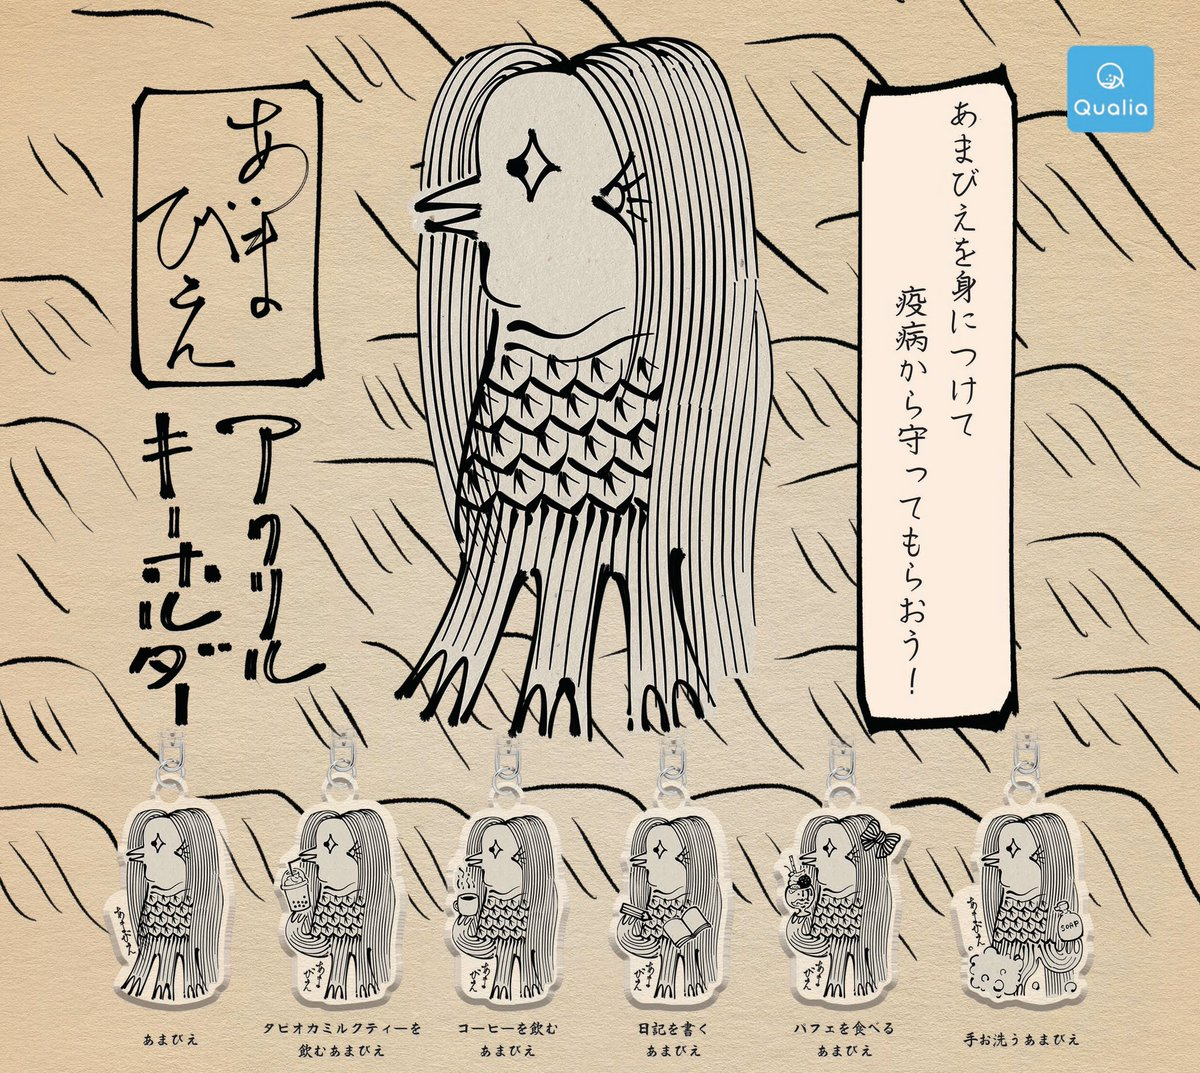 【お知らせ】「クオリアさん(@Qualia_45_)から京都大学付属図書館(@kumainlib)に所蔵の【アマビエ】アクキーが4月くらい(予定)に出ます